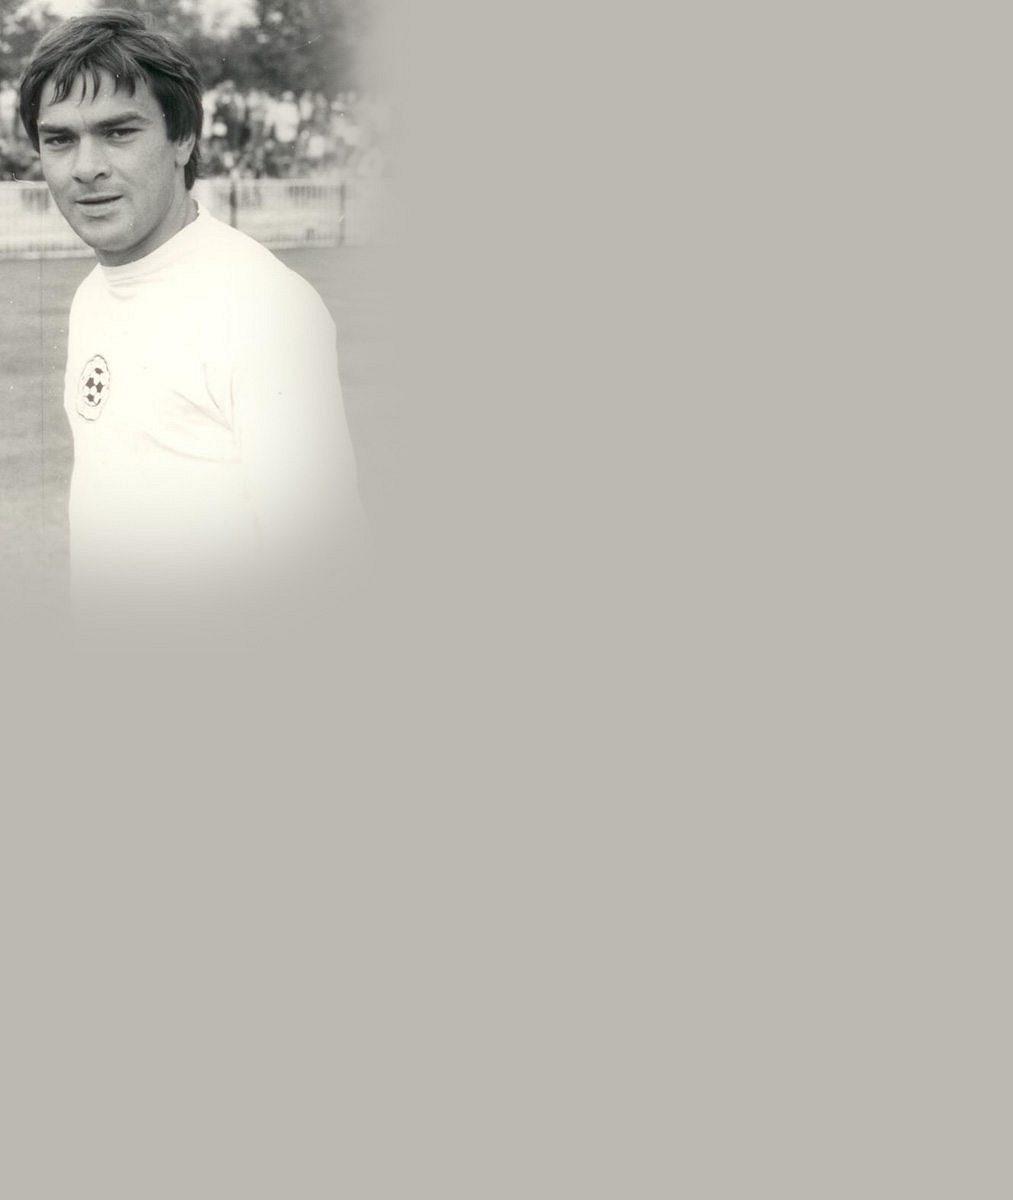 Poznáte kluka na fotce? Do hereckého nebe odešel před třiceti lety (✝38) po transplantaci dvou důležitých orgánů